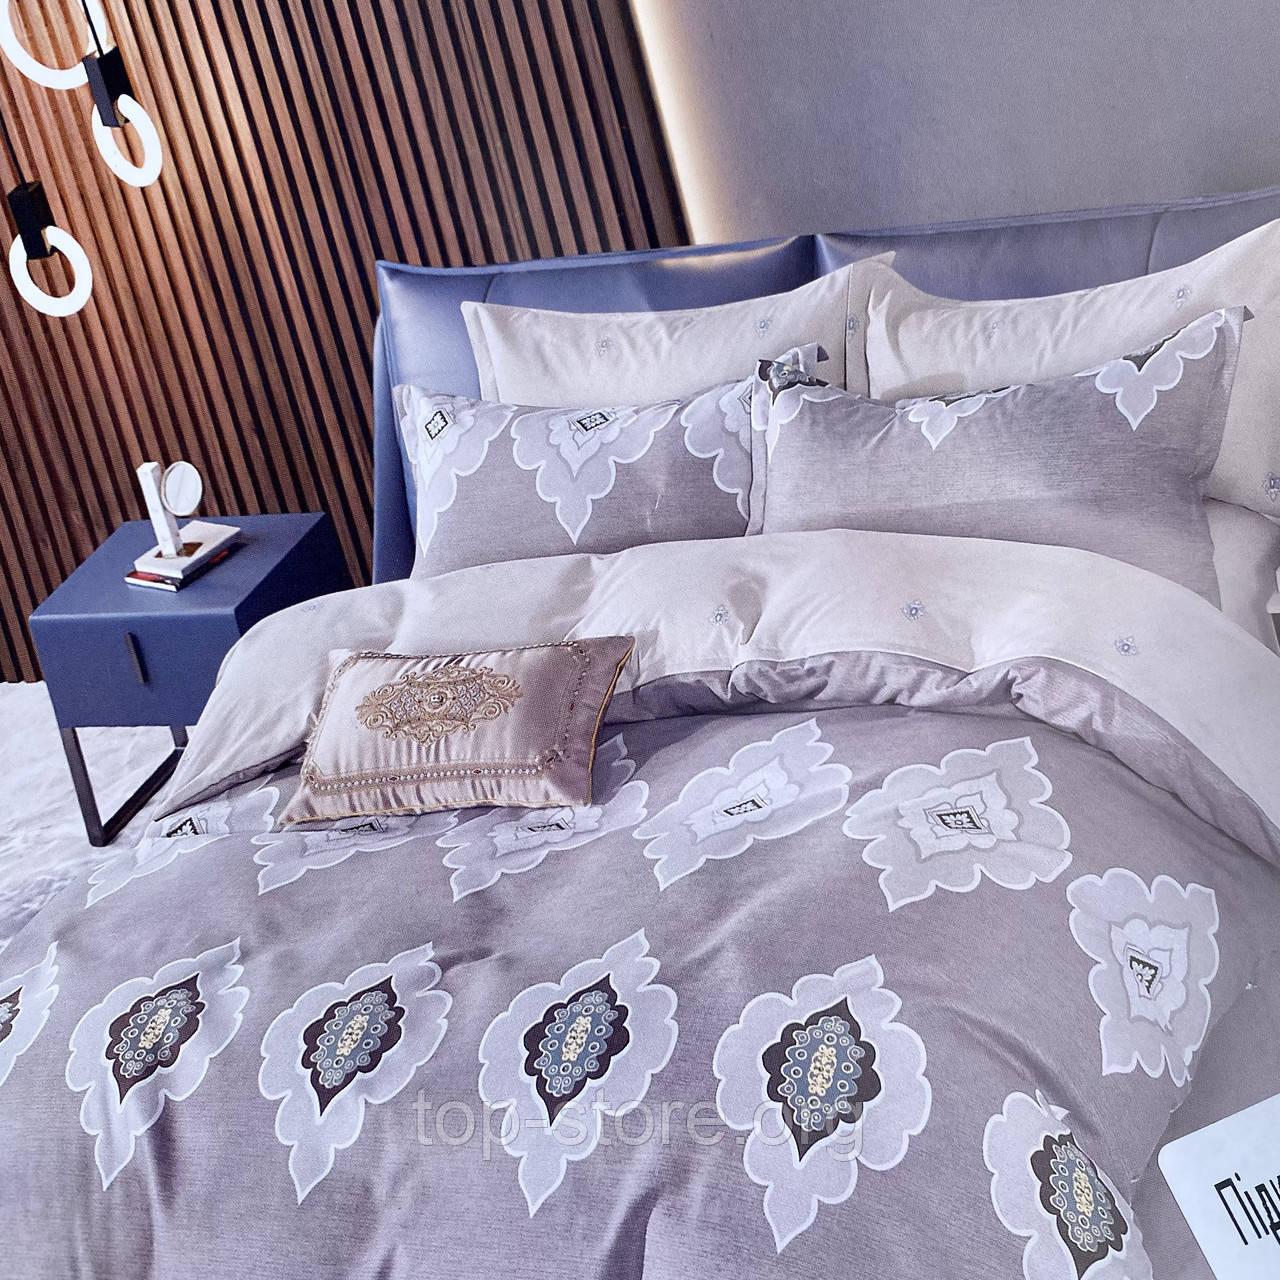 Постельное белье Евро размер   Качественный фланелевый комплект постельного белья.